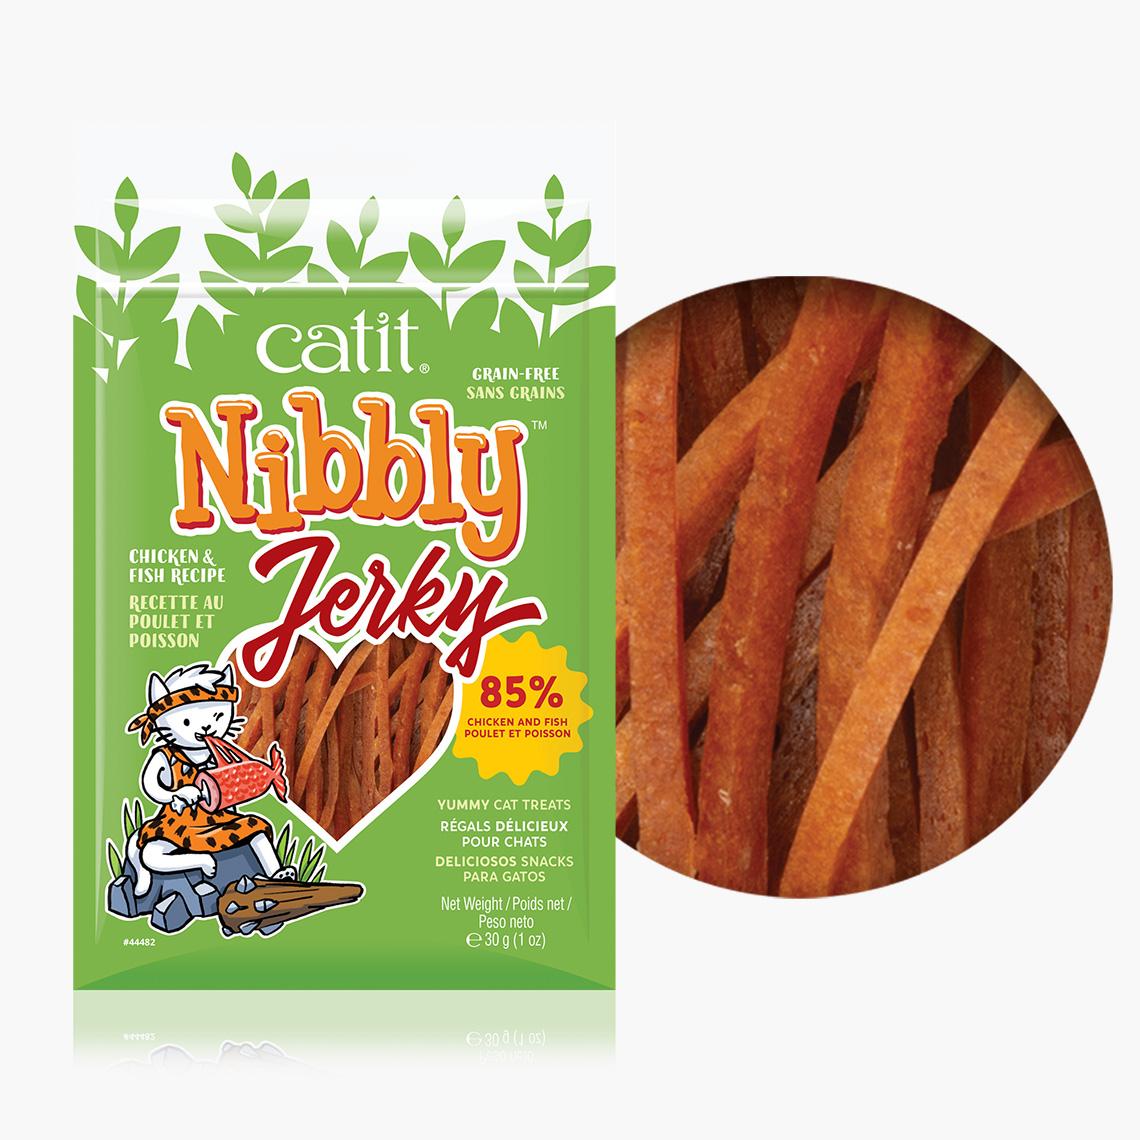 Catit Nibbly Jerky Chicken & Fish Recipe Dog Treats, 1.5-oz